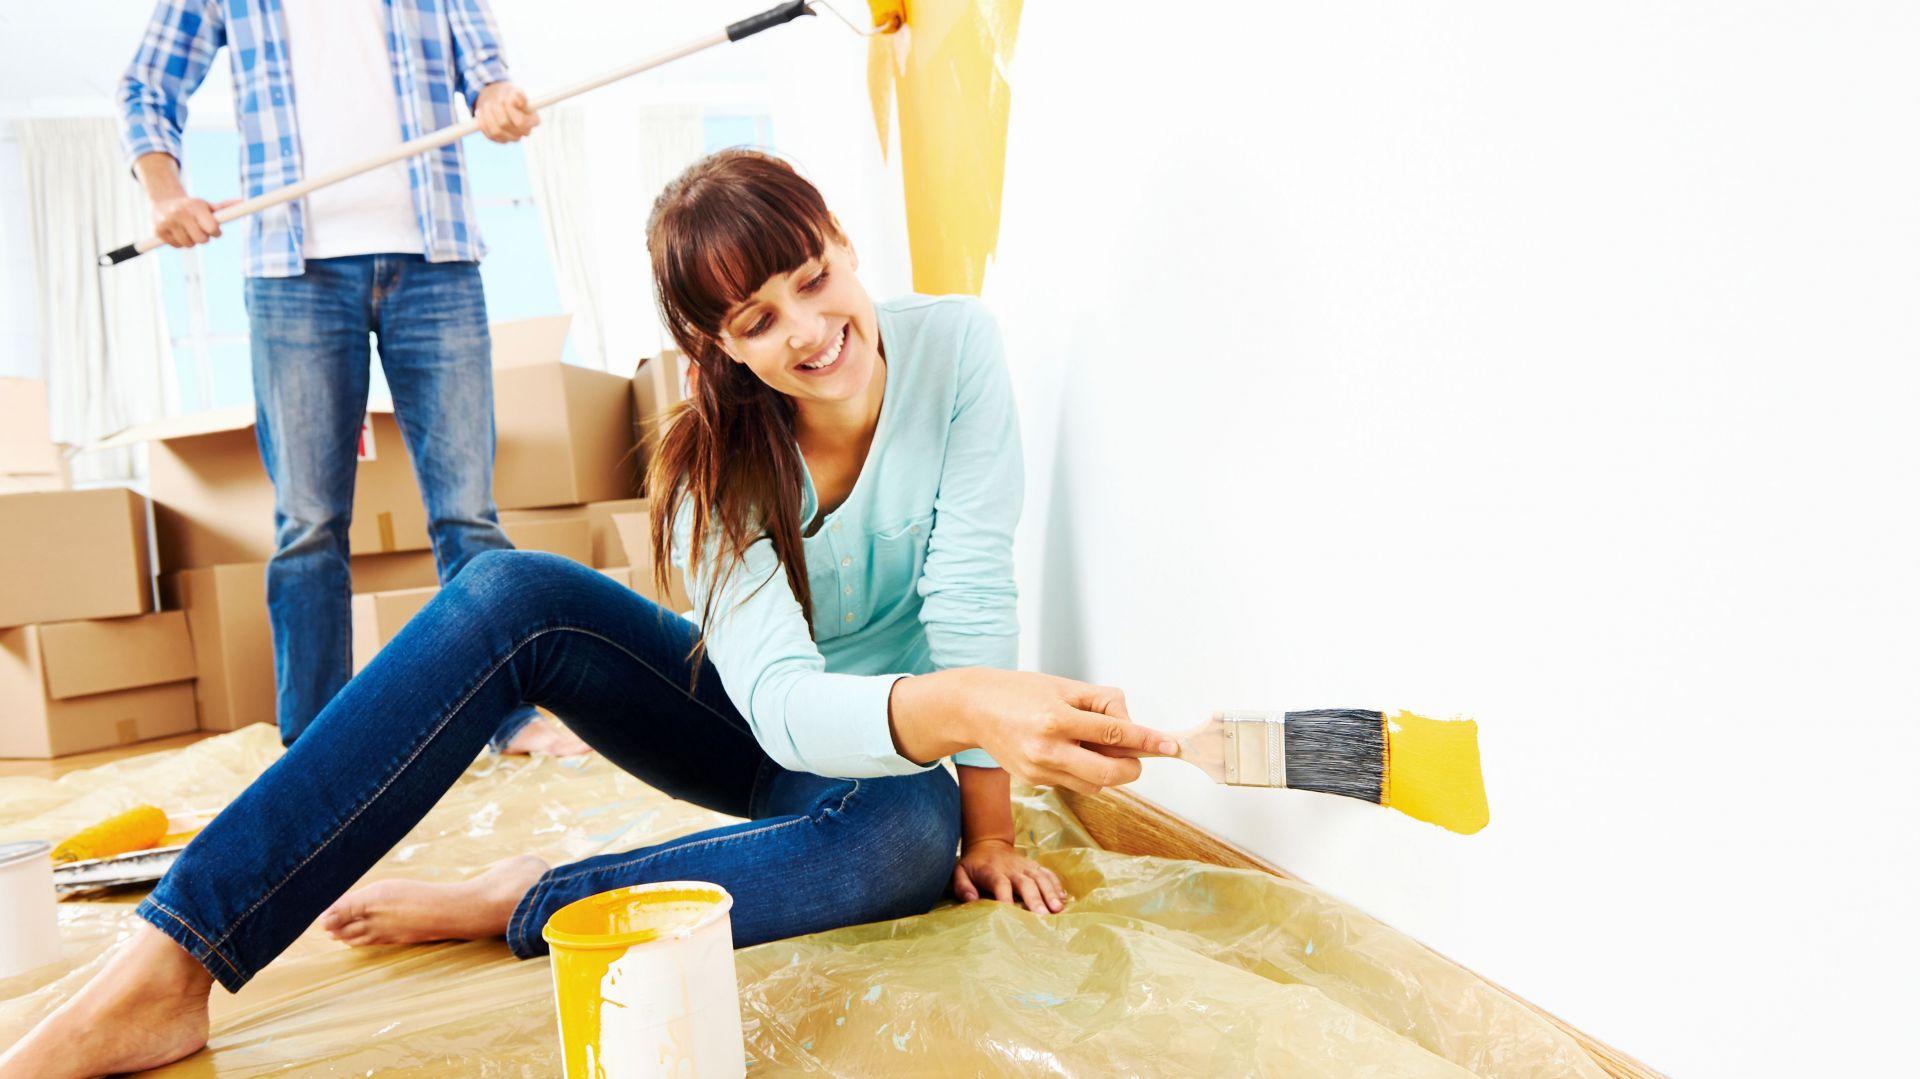 Sprzątanie po remoncie dzięki odpowiednim środkom będzie szybkie i łatwe. Fot. Worwo